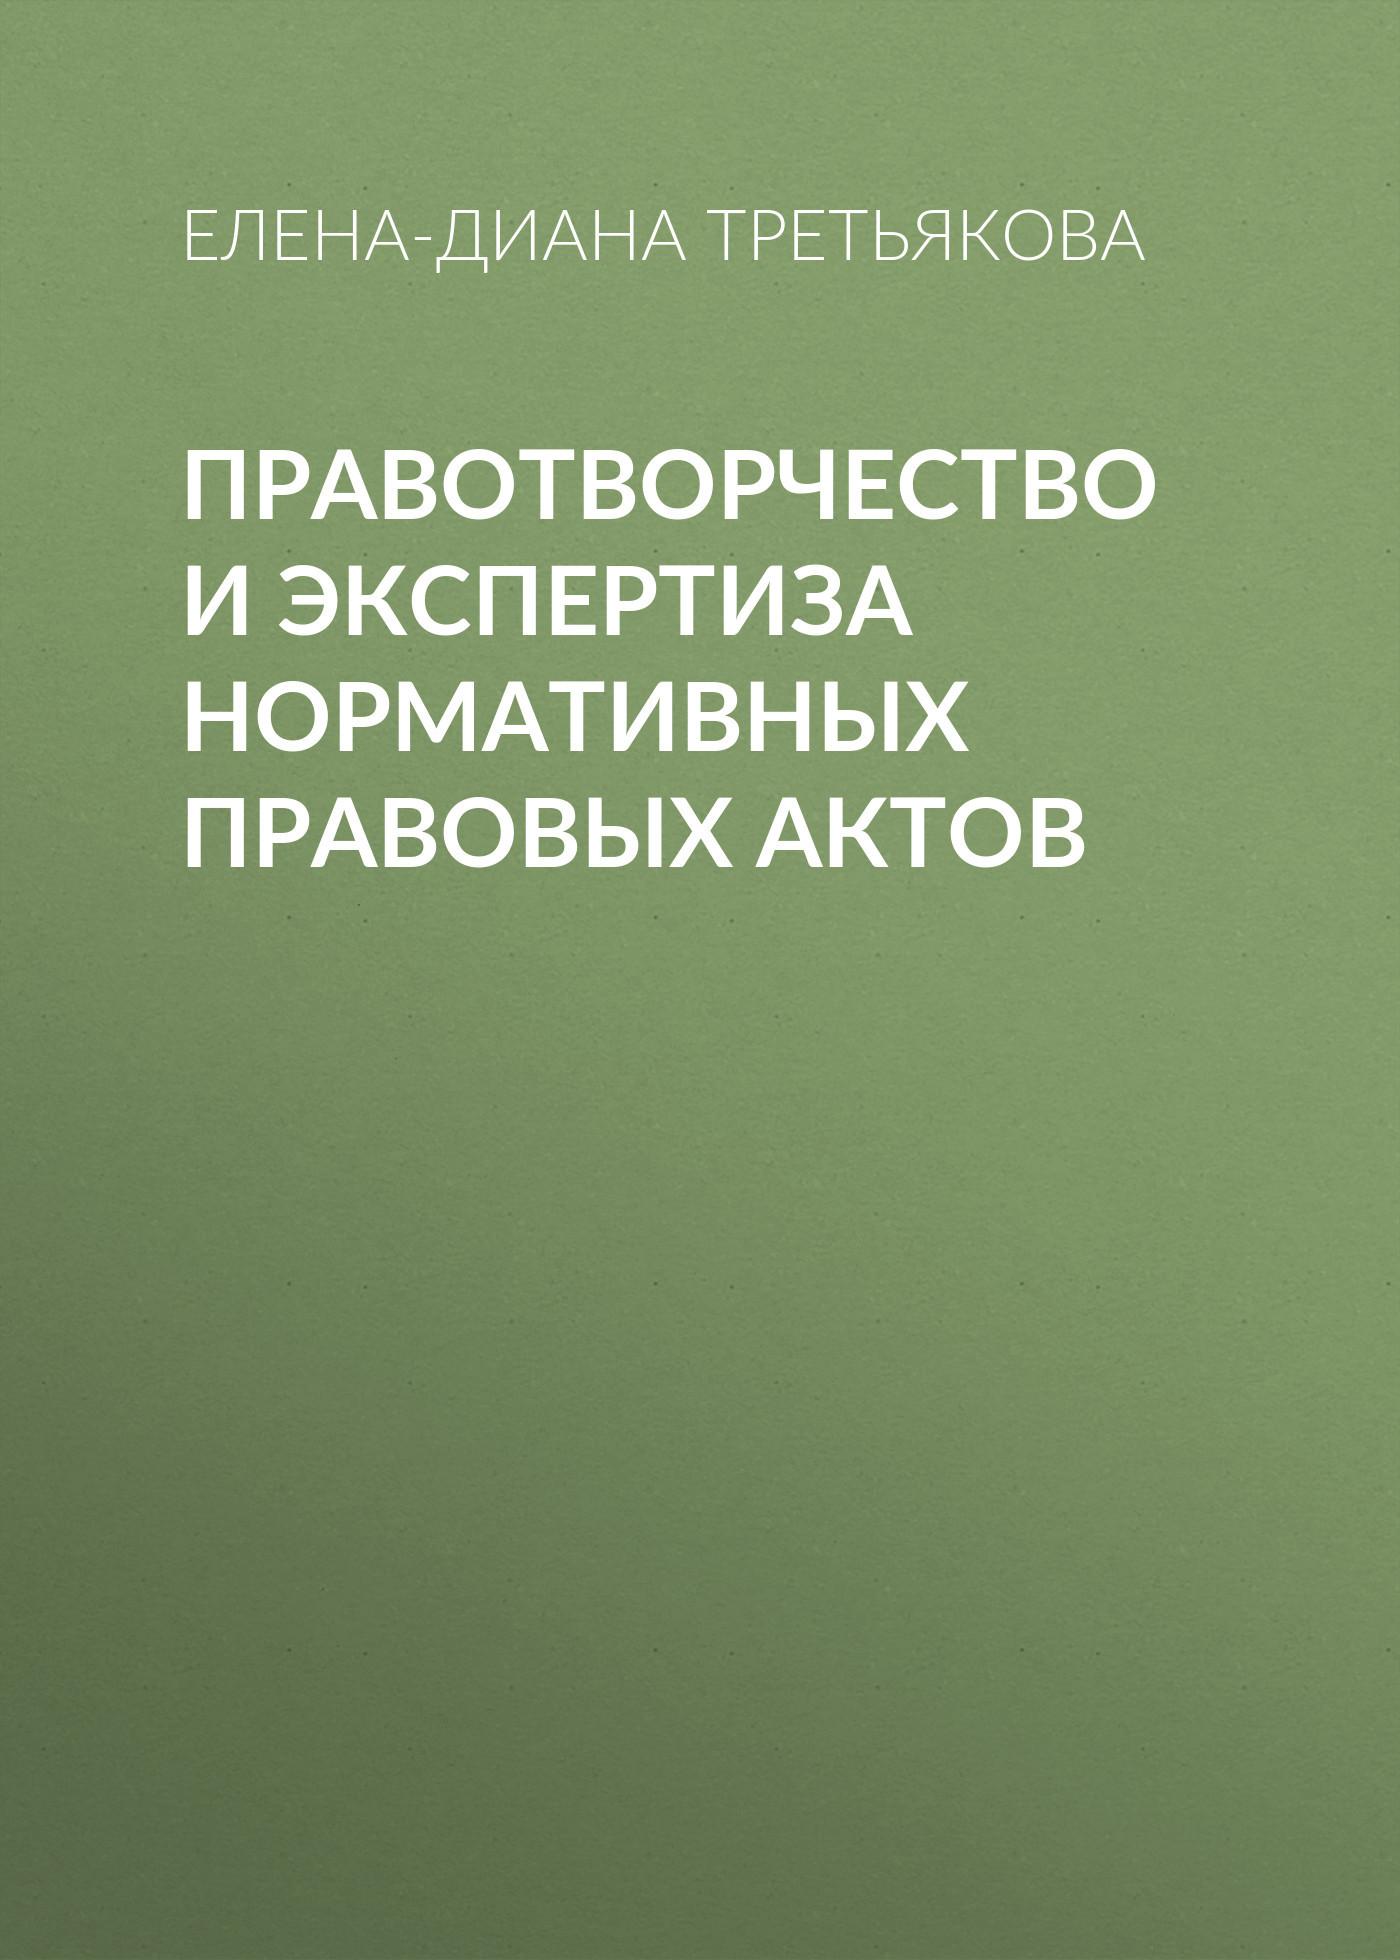 Елена-Диана Третьякова Правотворчество и экспертиза нормативных правовых актов